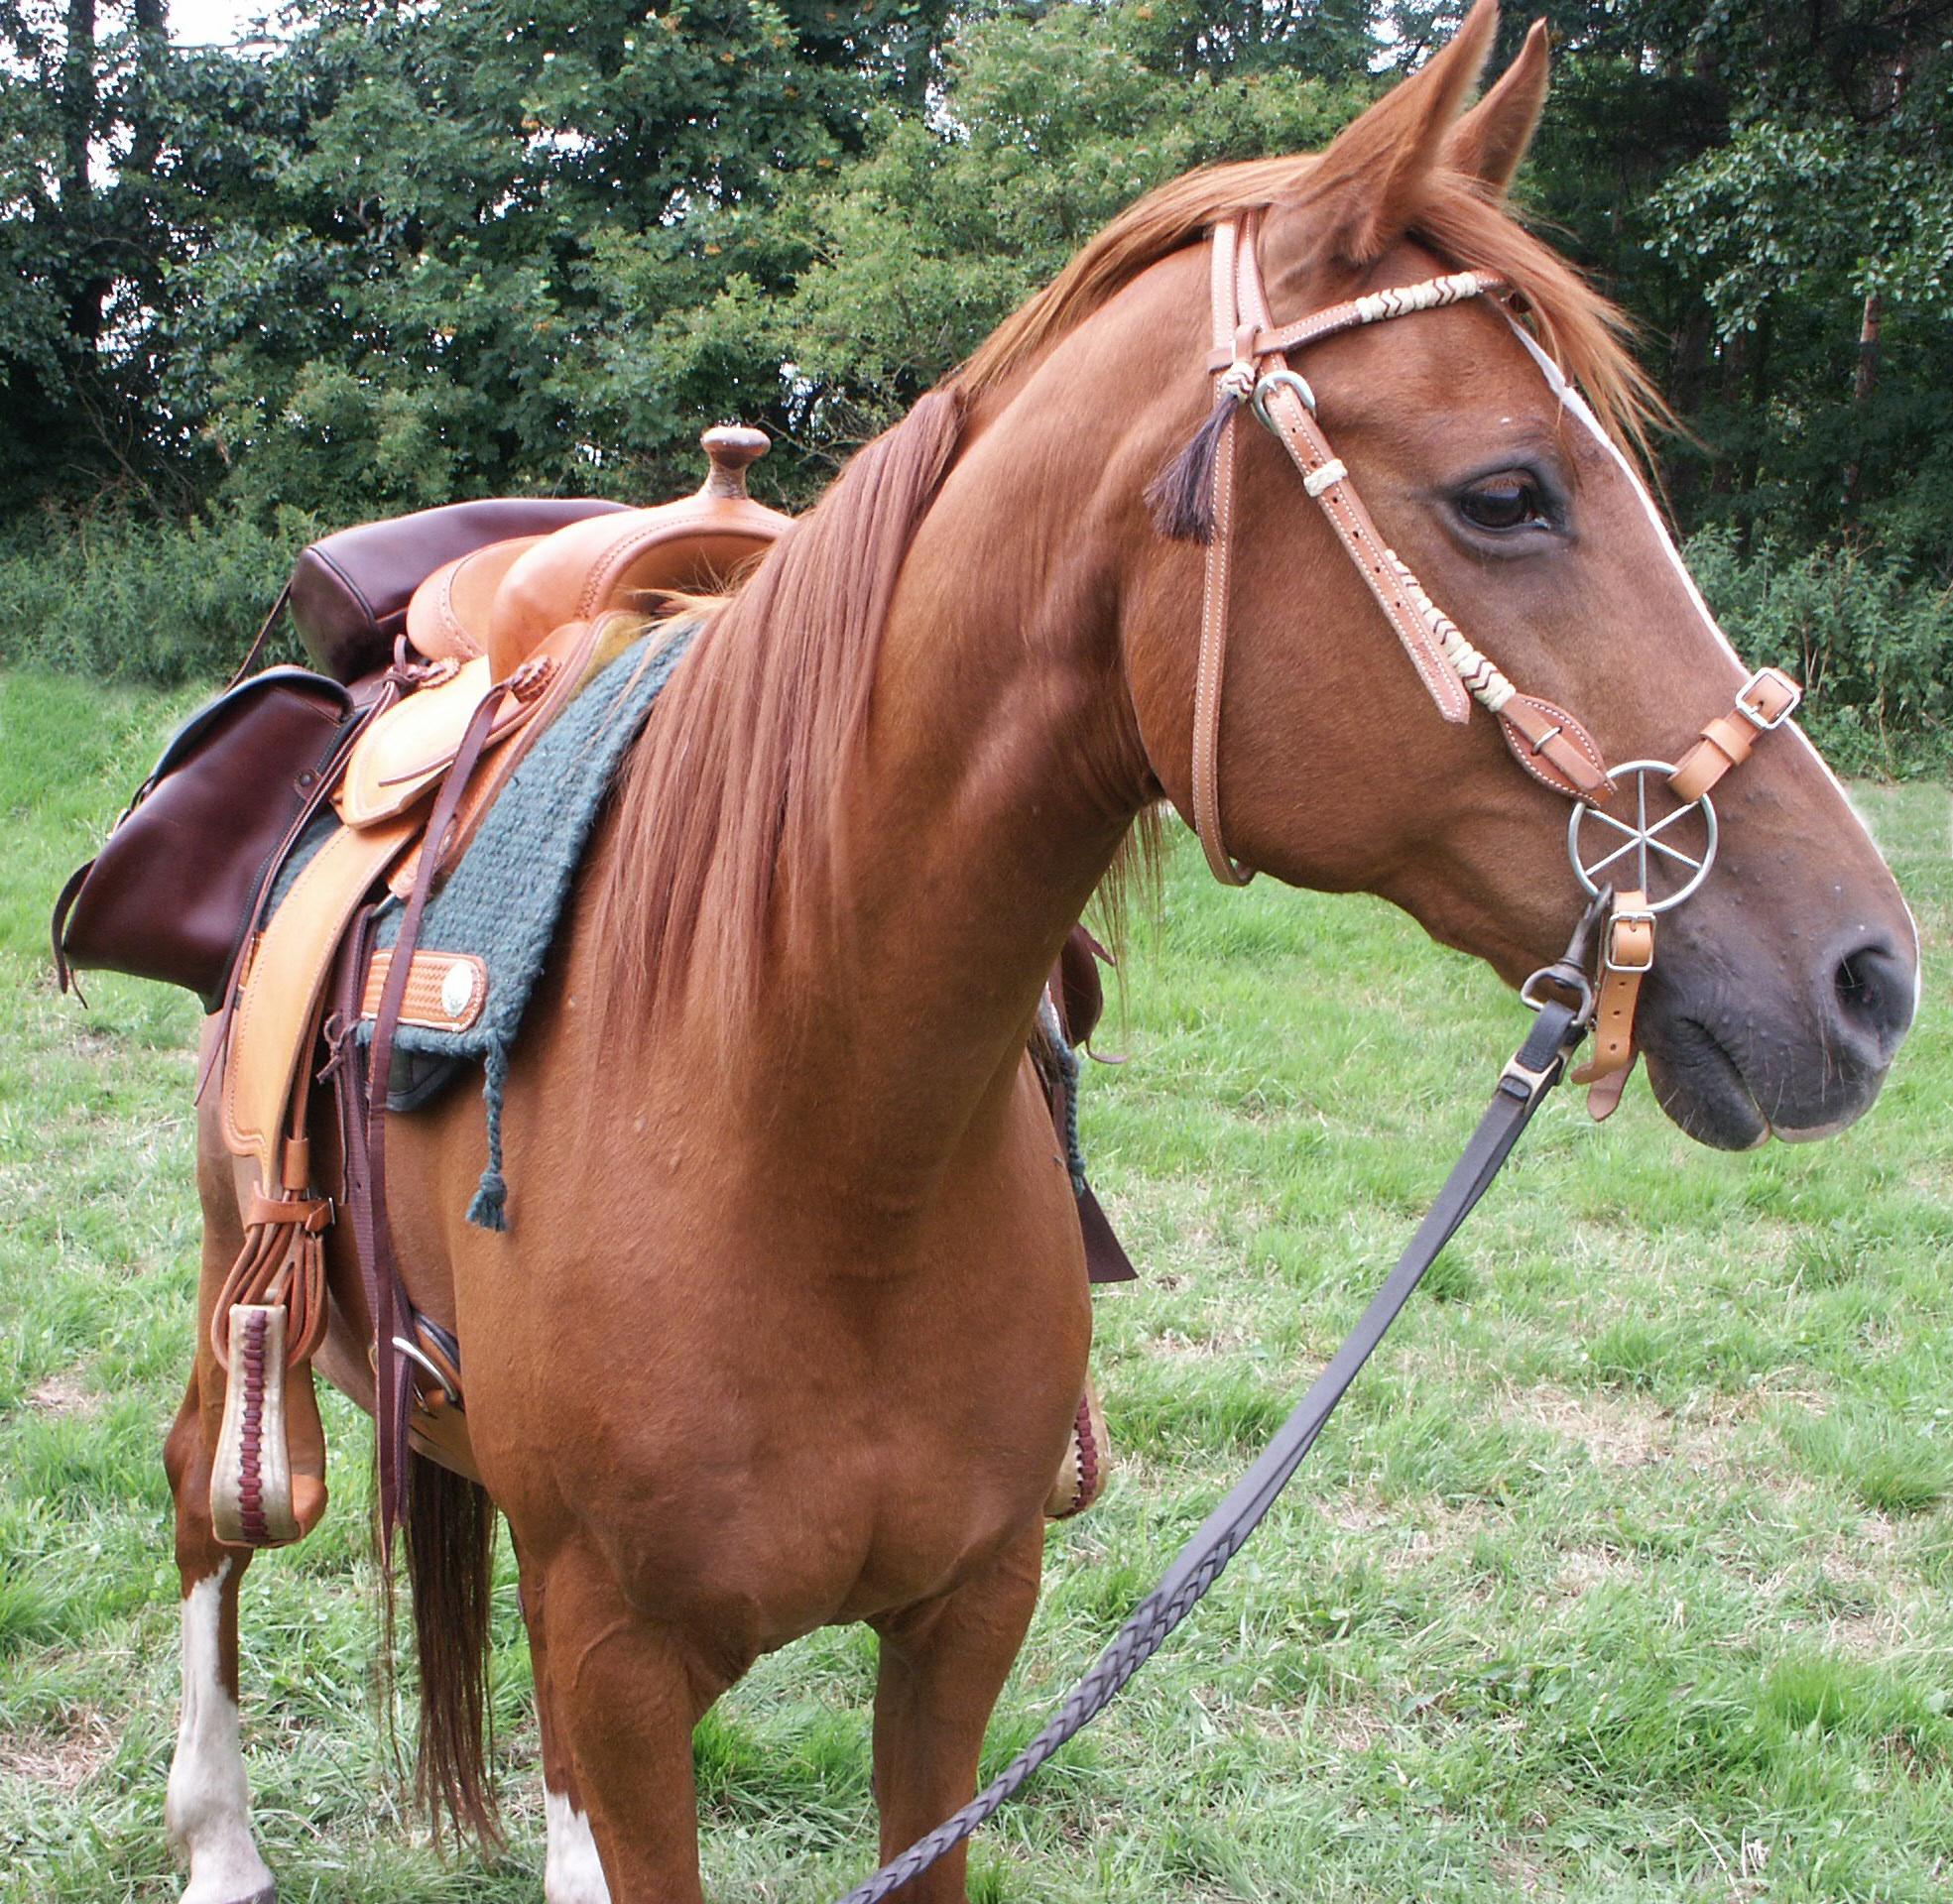 Wo finde ich so eine trense lg zaum pferde reiten optik for Wo finde ich gunstige kuchen